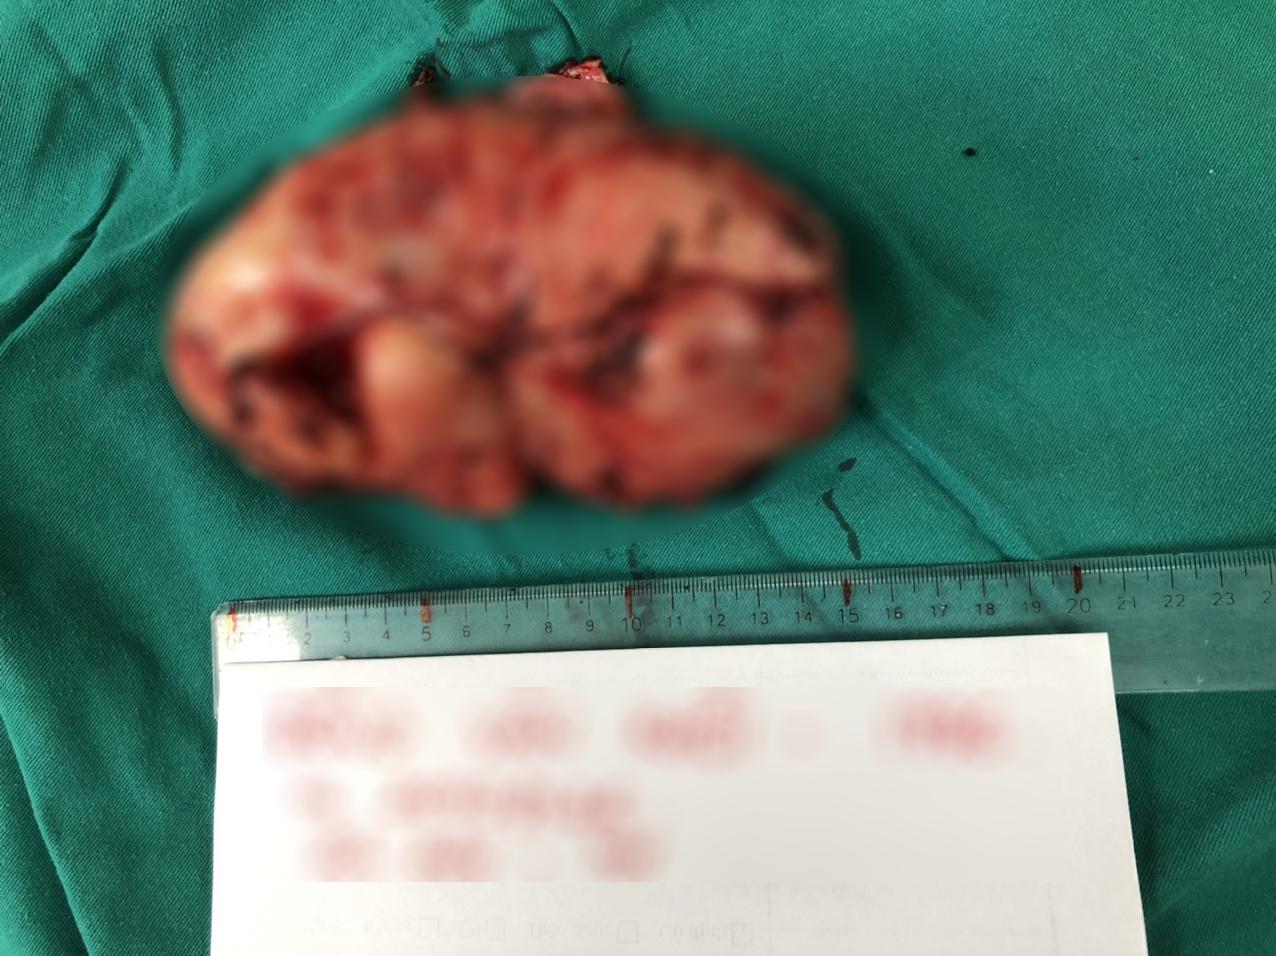 Ngực nhói đau từ nhỏ, nam thanh niên không ngờ mang khối u to như bắp chuối